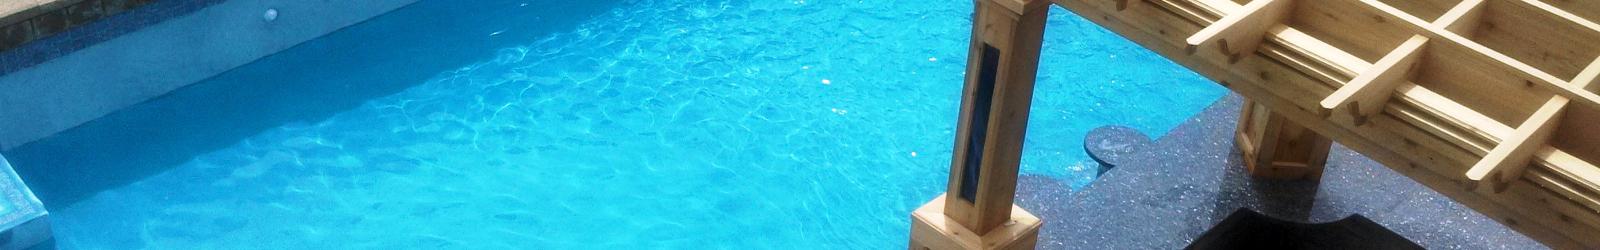 Macomb County Gunite Pool